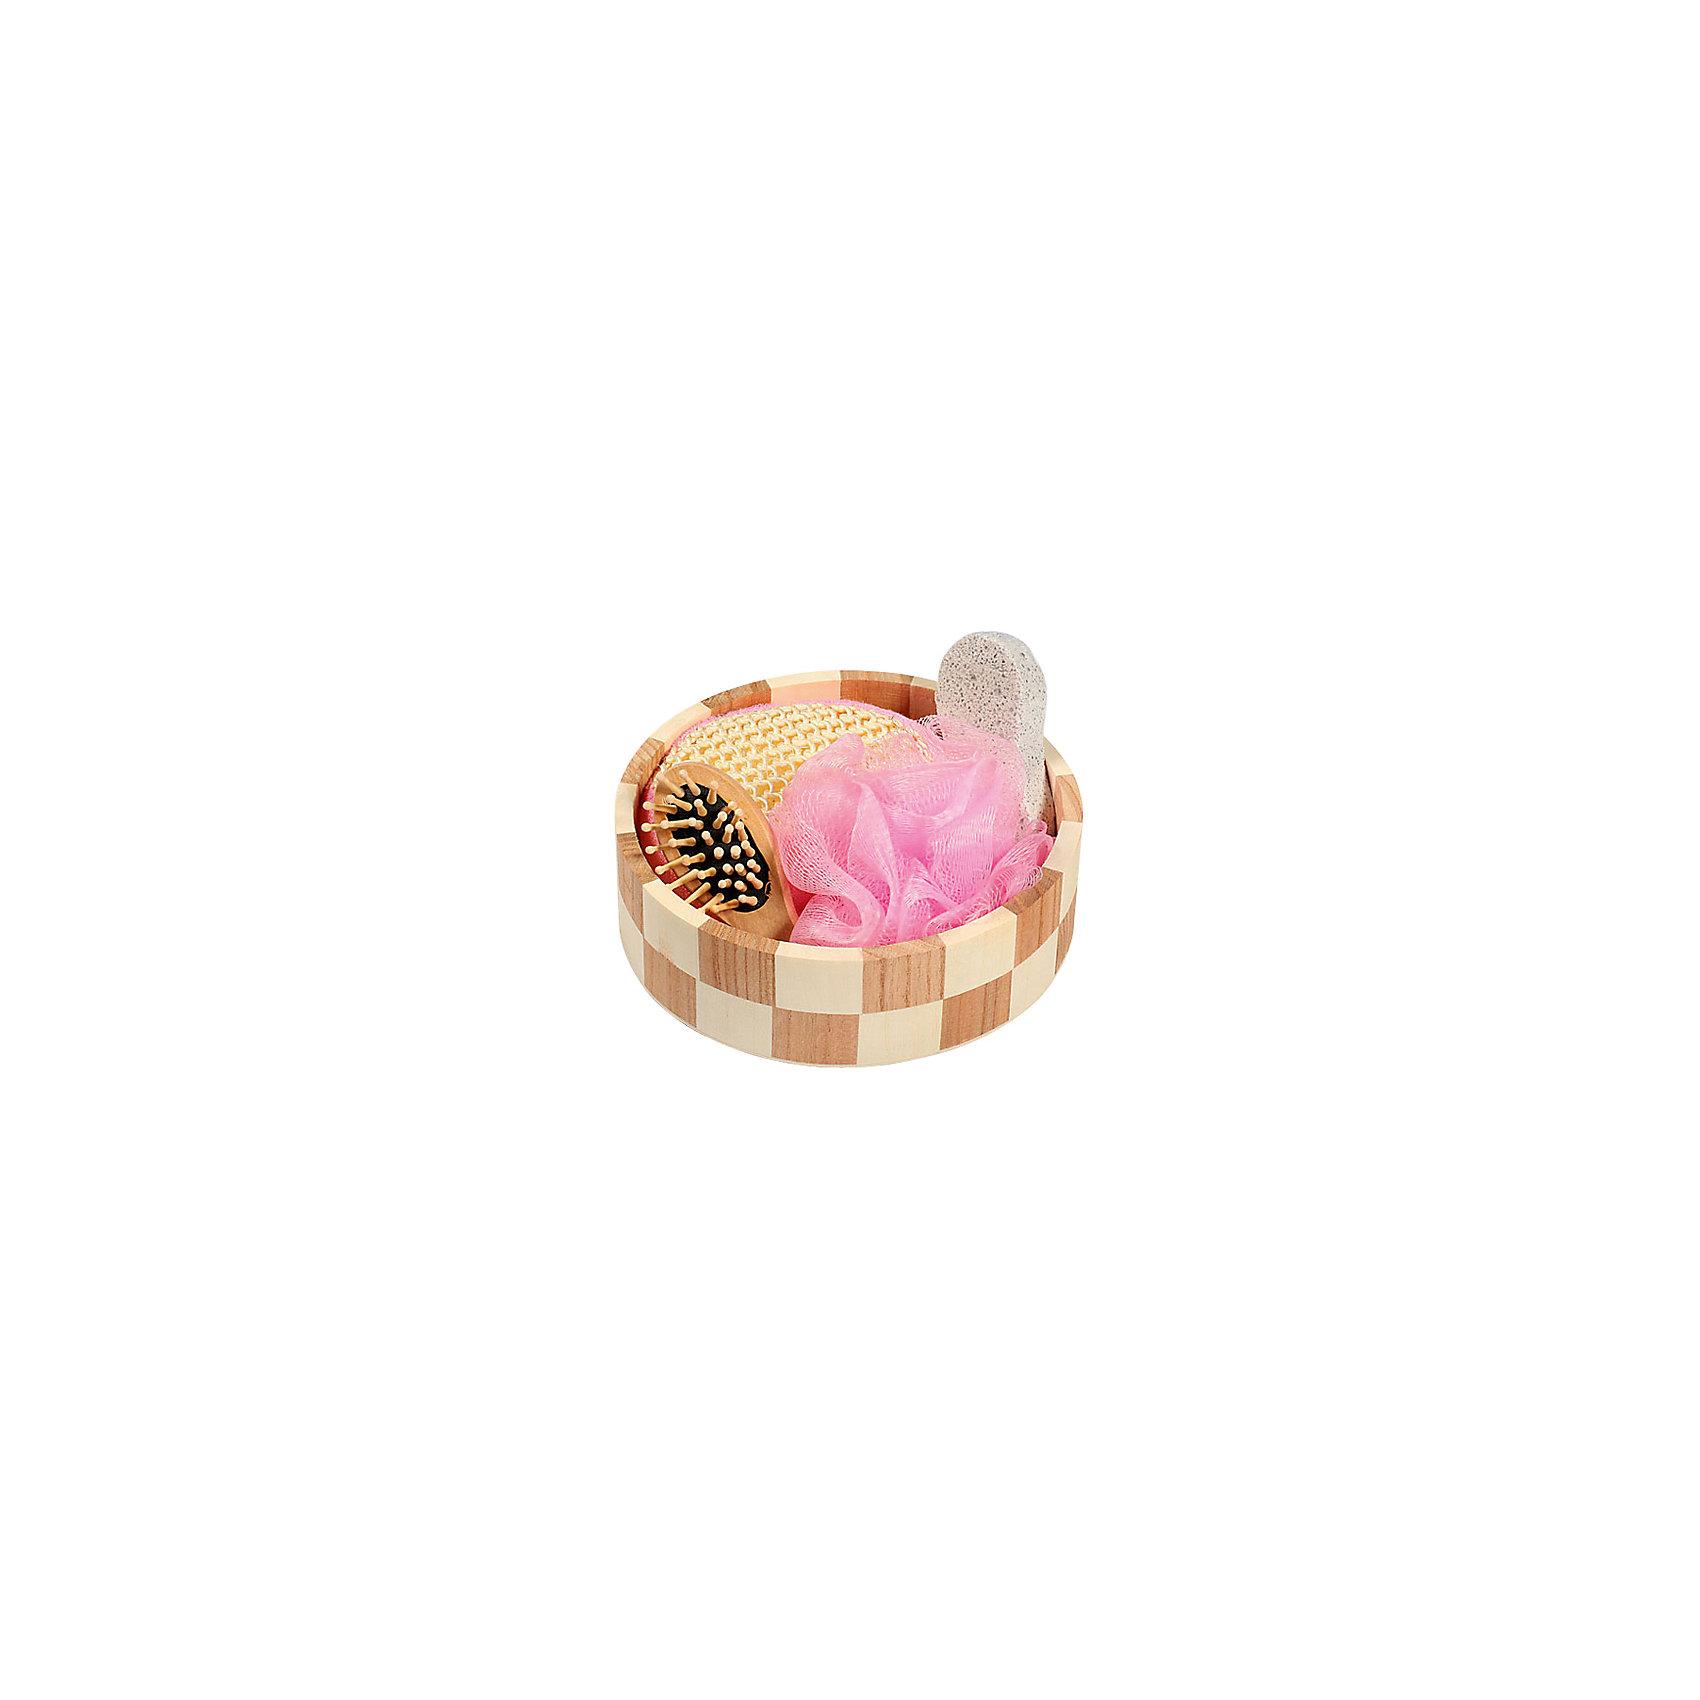 Набор для ванной и бани Розовое облако (3 предмета)Набор для ванной приятный подарок на любой праздник. В набор входит удобная маленькая мочалка для купания (из сизаля), мочалка для купания из полиэтилена, пемза для ухода за кожей, массажная щетка для волос из дерева. Все предметы упакованы в оригинальную деревянную коробку, которая сможет служить шкатулкой для различных мелочей. <br><br>Дополнительная информация:<br><br>- Материал: древесина тополя, древесина павлонии, полиэтилен, пемза, сизаль, текстиль. <br>- Размер упаковки: 17,5х6 см.<br>- Комплектация: маленькая мочалка, большая мочалка, пемза, щетка для волос. <br><br>Набор для ванной и бани Розовое облако (4 предмета) можно купить в нашем магазине.<br><br>Ширина мм: 175<br>Глубина мм: 60<br>Высота мм: 60<br>Вес г: 300<br>Возраст от месяцев: 36<br>Возраст до месяцев: 2147483647<br>Пол: Женский<br>Возраст: Детский<br>SKU: 4548380